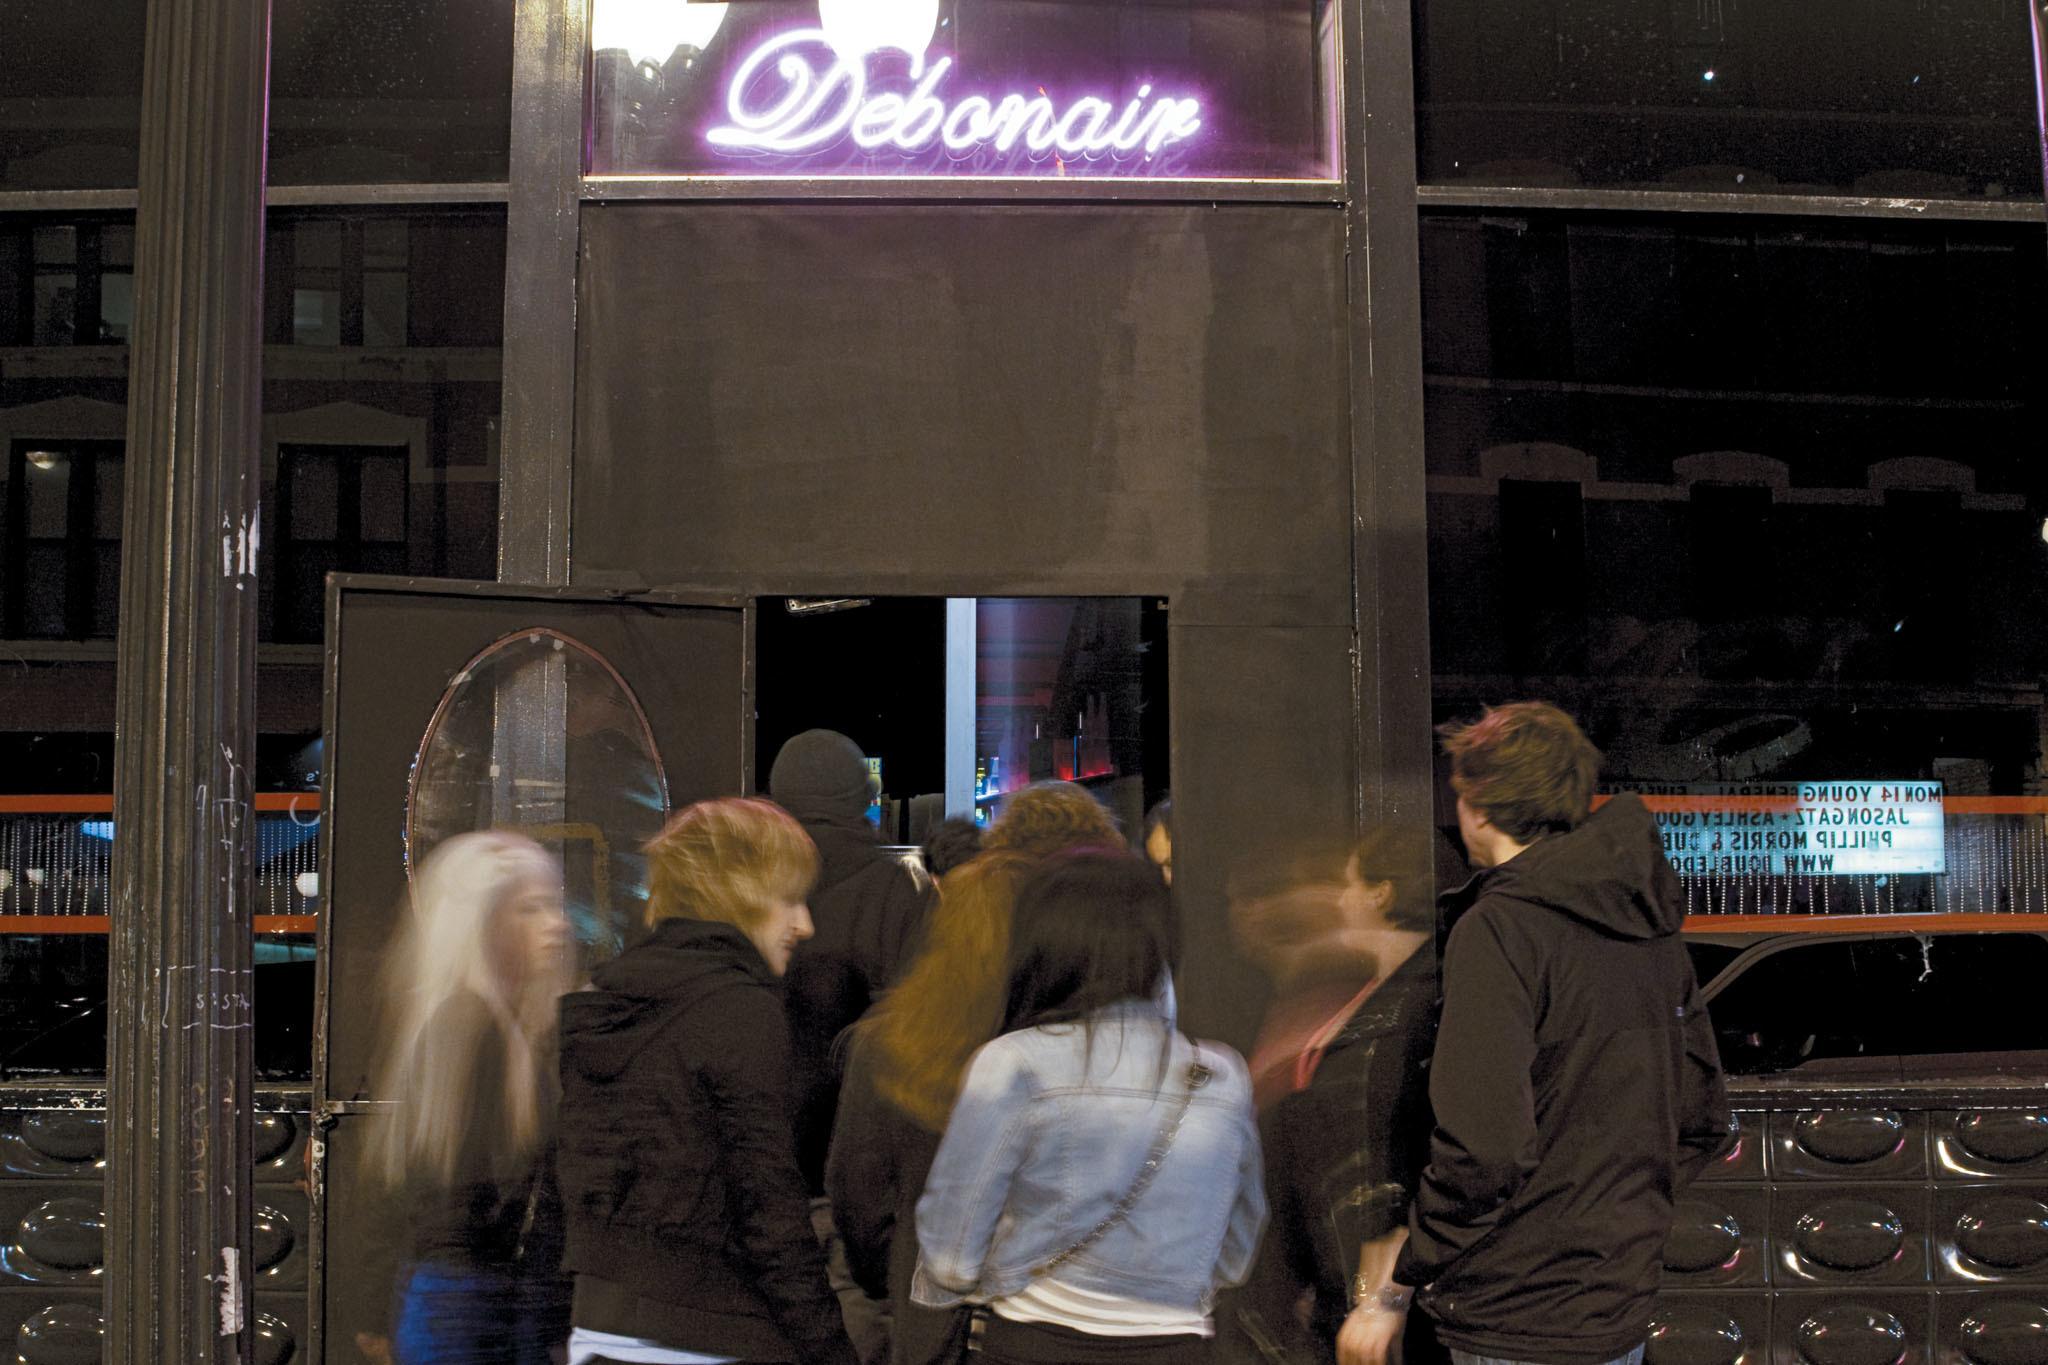 Debonair.venue.jpg